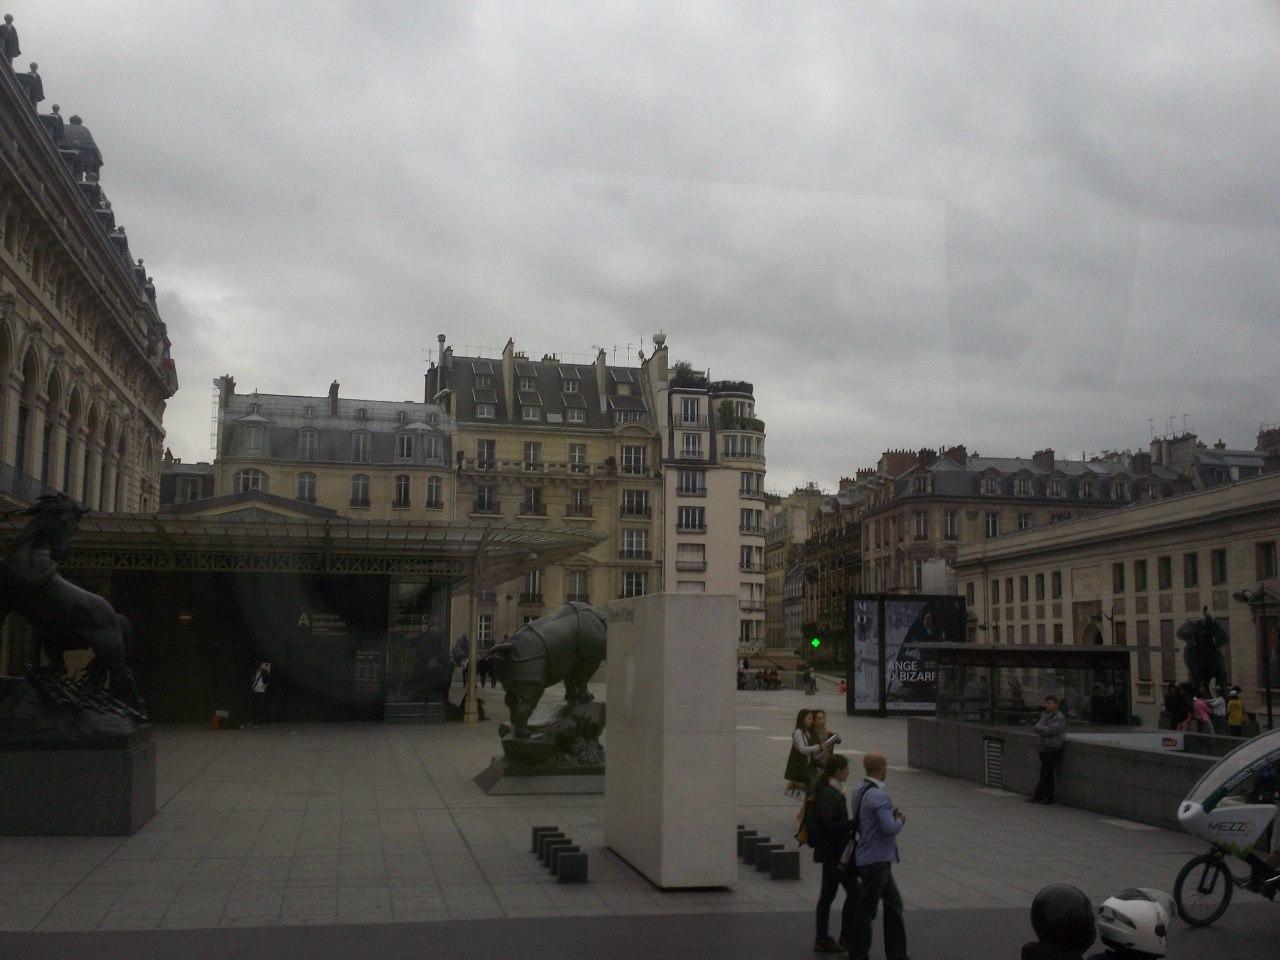 Елена Руденко. Франция. Париж. 2013 г. июнь. XHP7zXojQd8